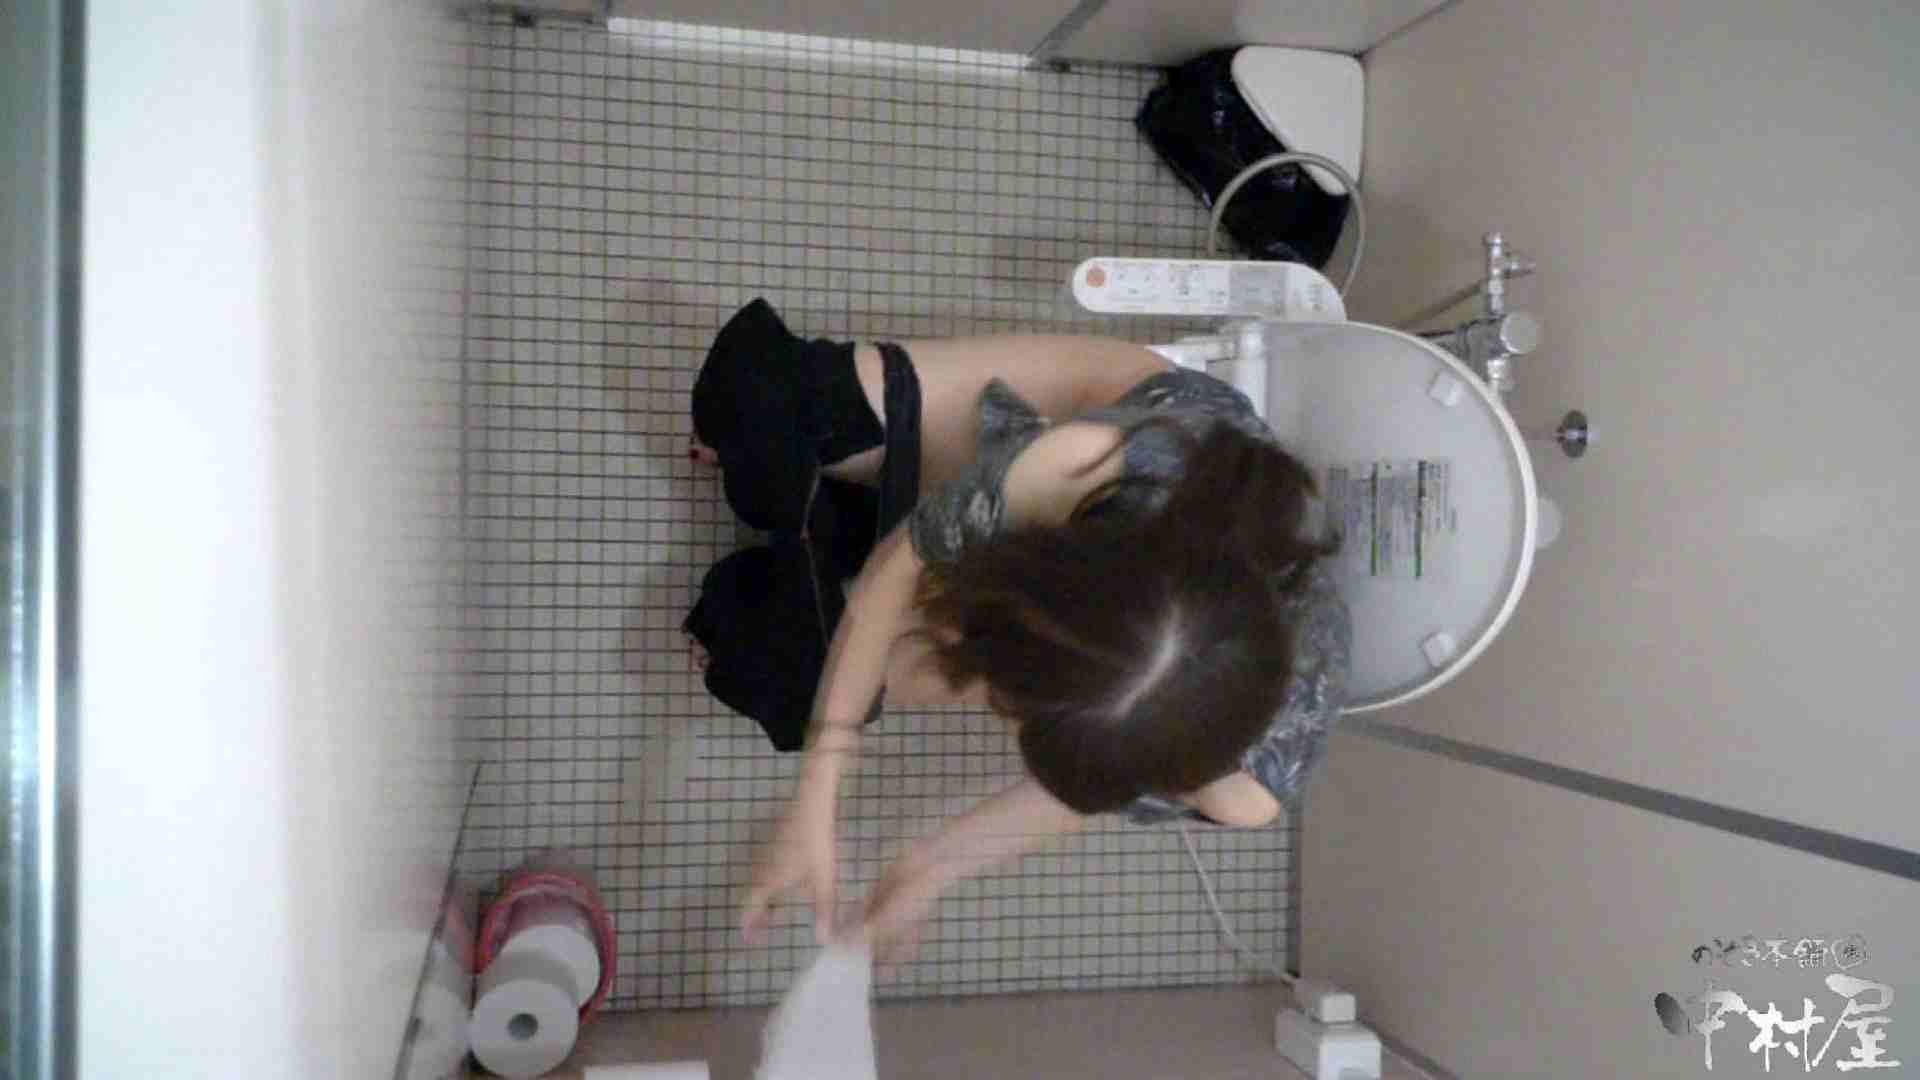 【某有名大学女性洗面所】有名大学女性洗面所 vol.43 いつみても神秘的な世界です。 0 | 0  102連発 1